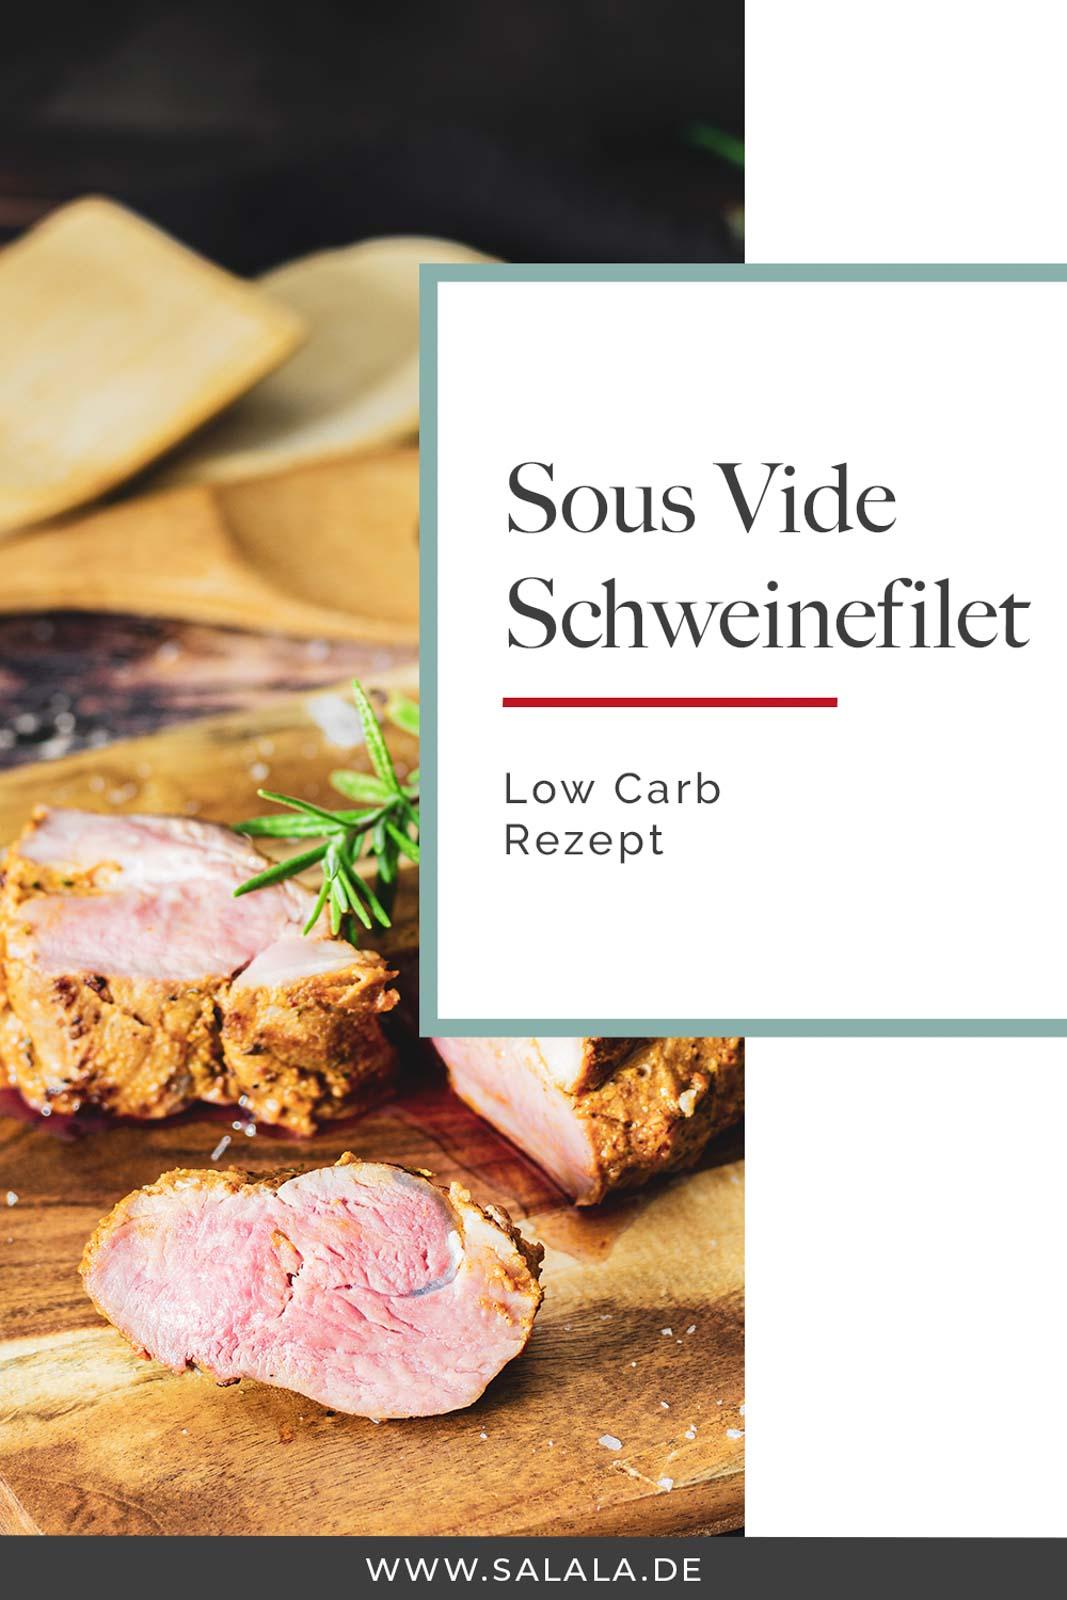 Wenn du mal so richtig zart rosanes Schweinefilet haben möchtest, dann mach das Sous Vide. Die schonende Art des Garnes lohnt sich voll und ganz und das nicht nur in der Low Carb Küche. Das Filet wird richtig schön saftig und behält auch den vollen Geschmack.  #sousvide #schweinefilet #kochenmitsousvide #garenmitsousvide #vakuumkochen #kochenmitvakuum #lowcarbrezepte